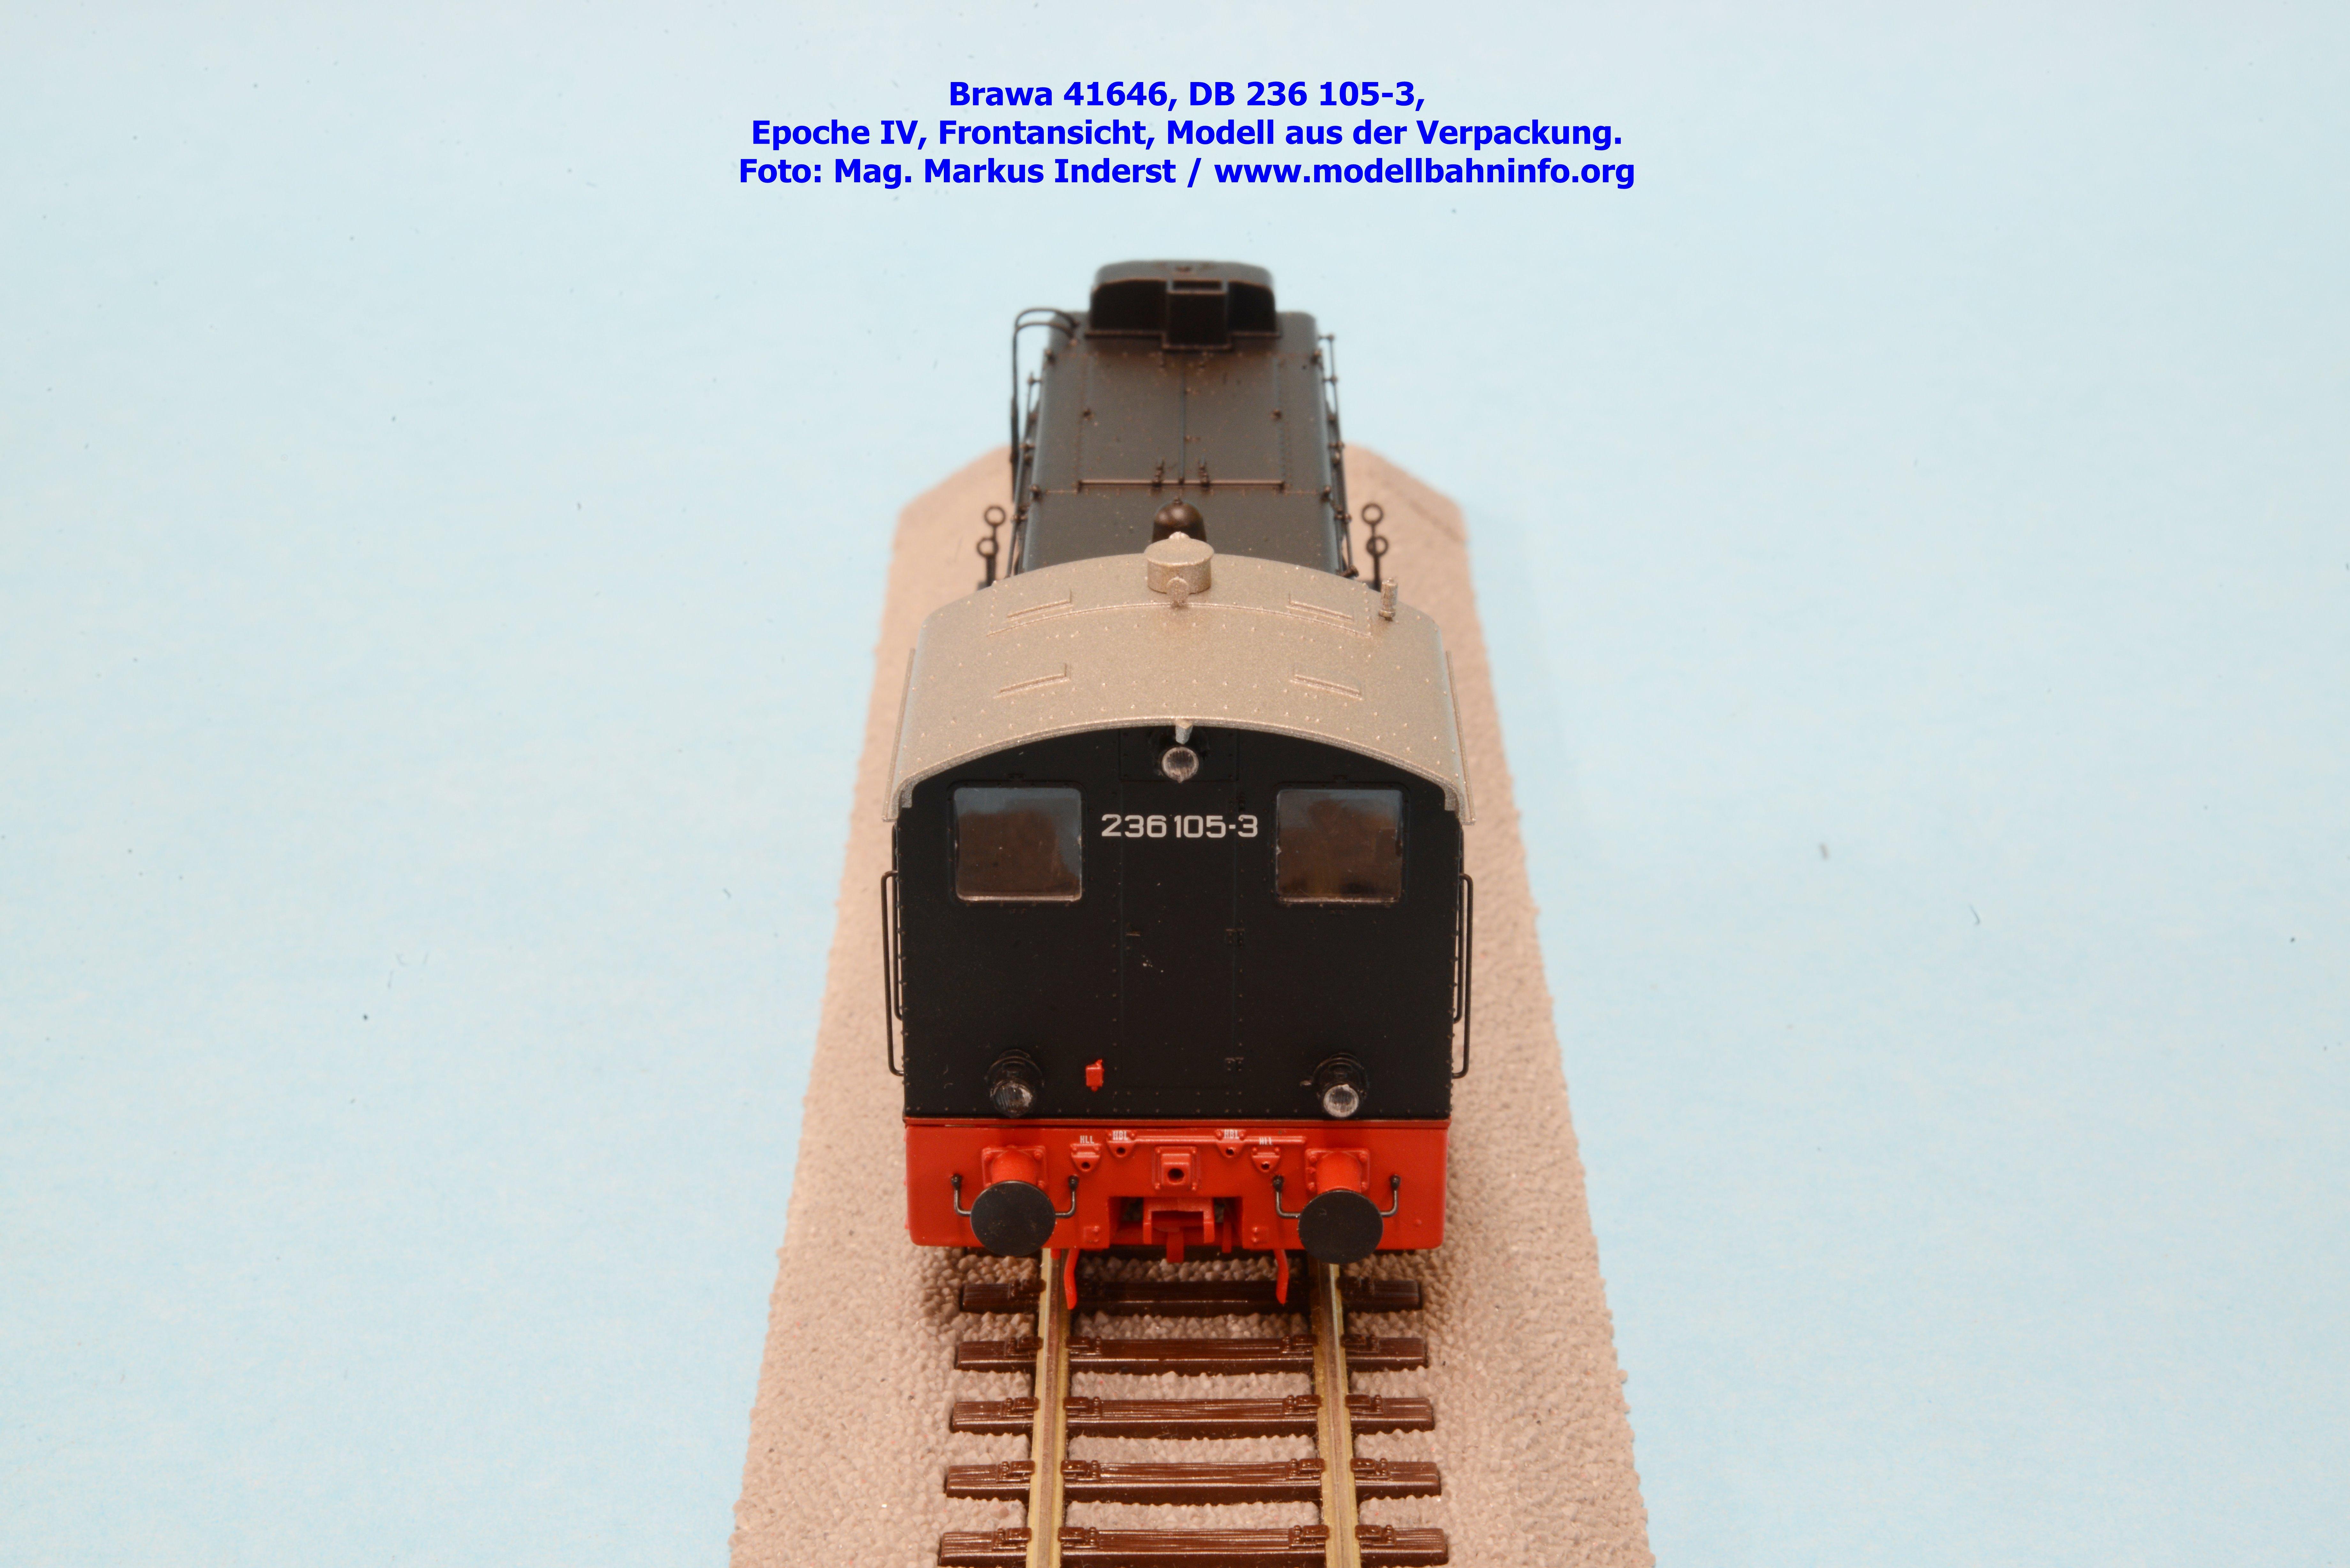 Brawa 41604 / 41632 / 41642 / 41646: DB-Baureihe V 36